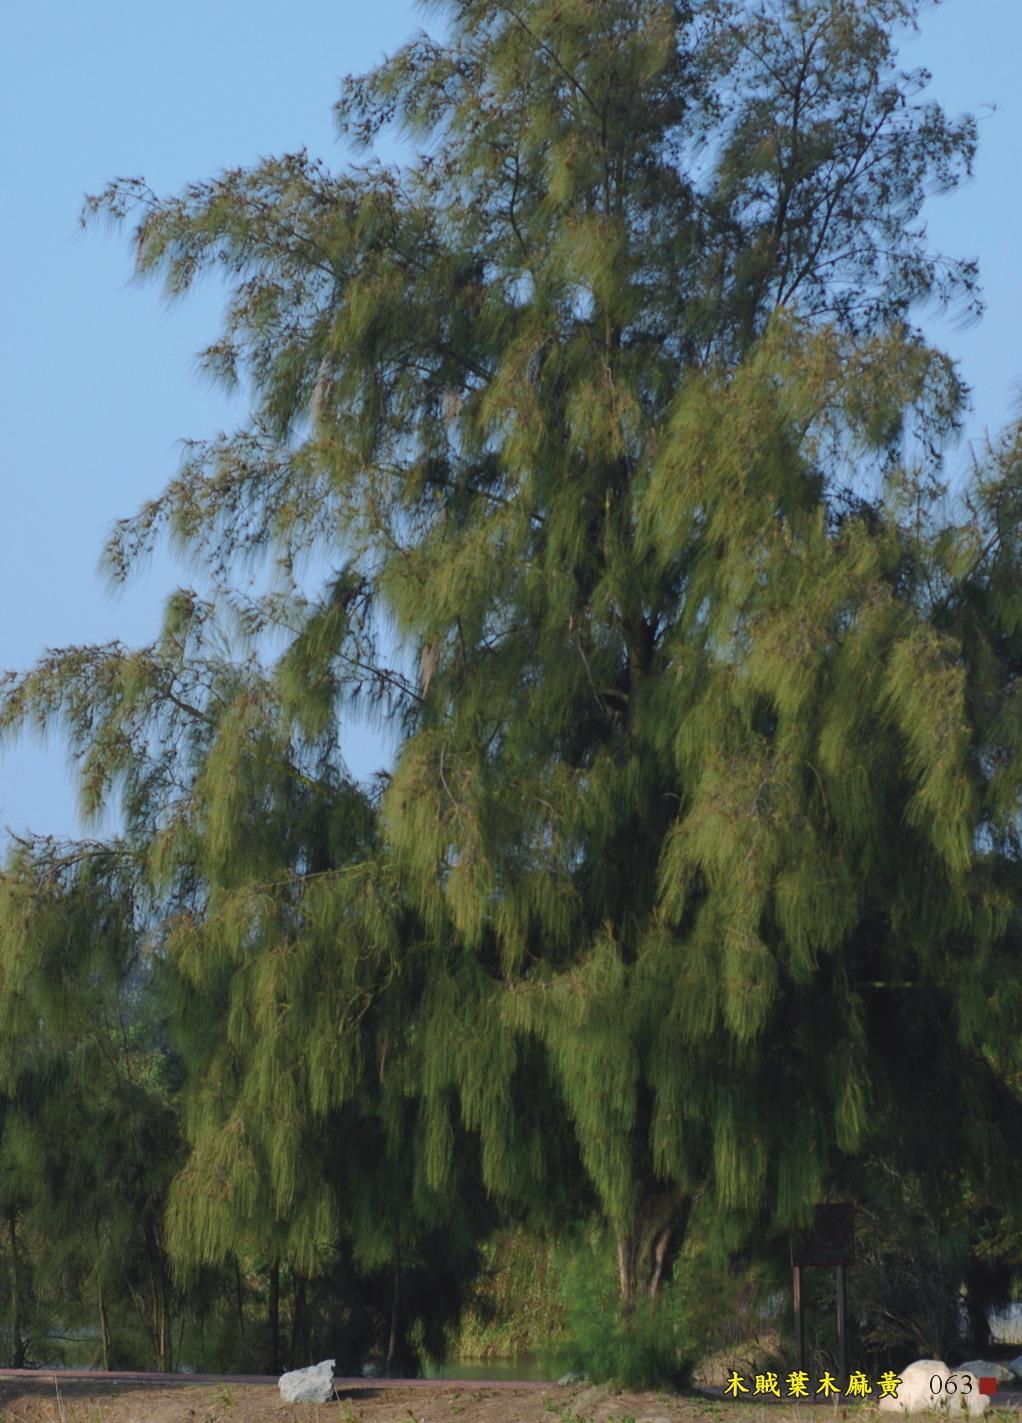 木賊葉木麻黃